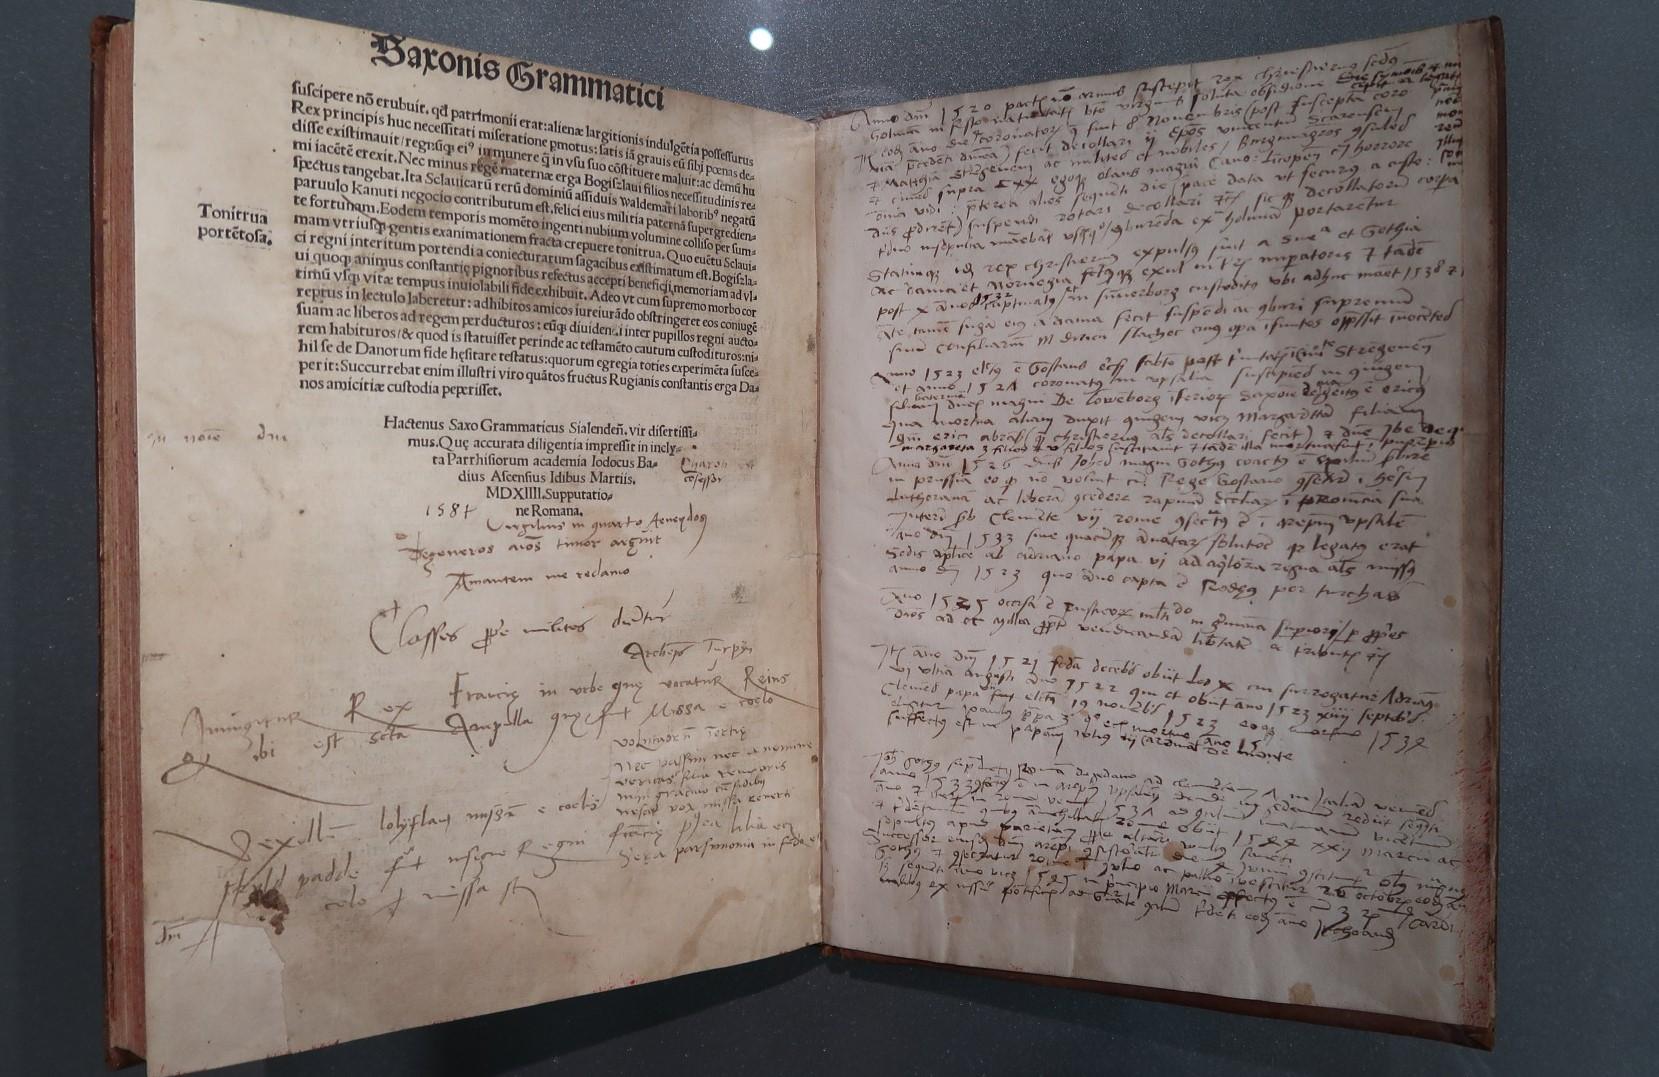 Saxo Grammaticus,  Gesta Danorum , Kungliga Biblioteket Stockholm. Photo Amelie Rosengren, Latinitium.com